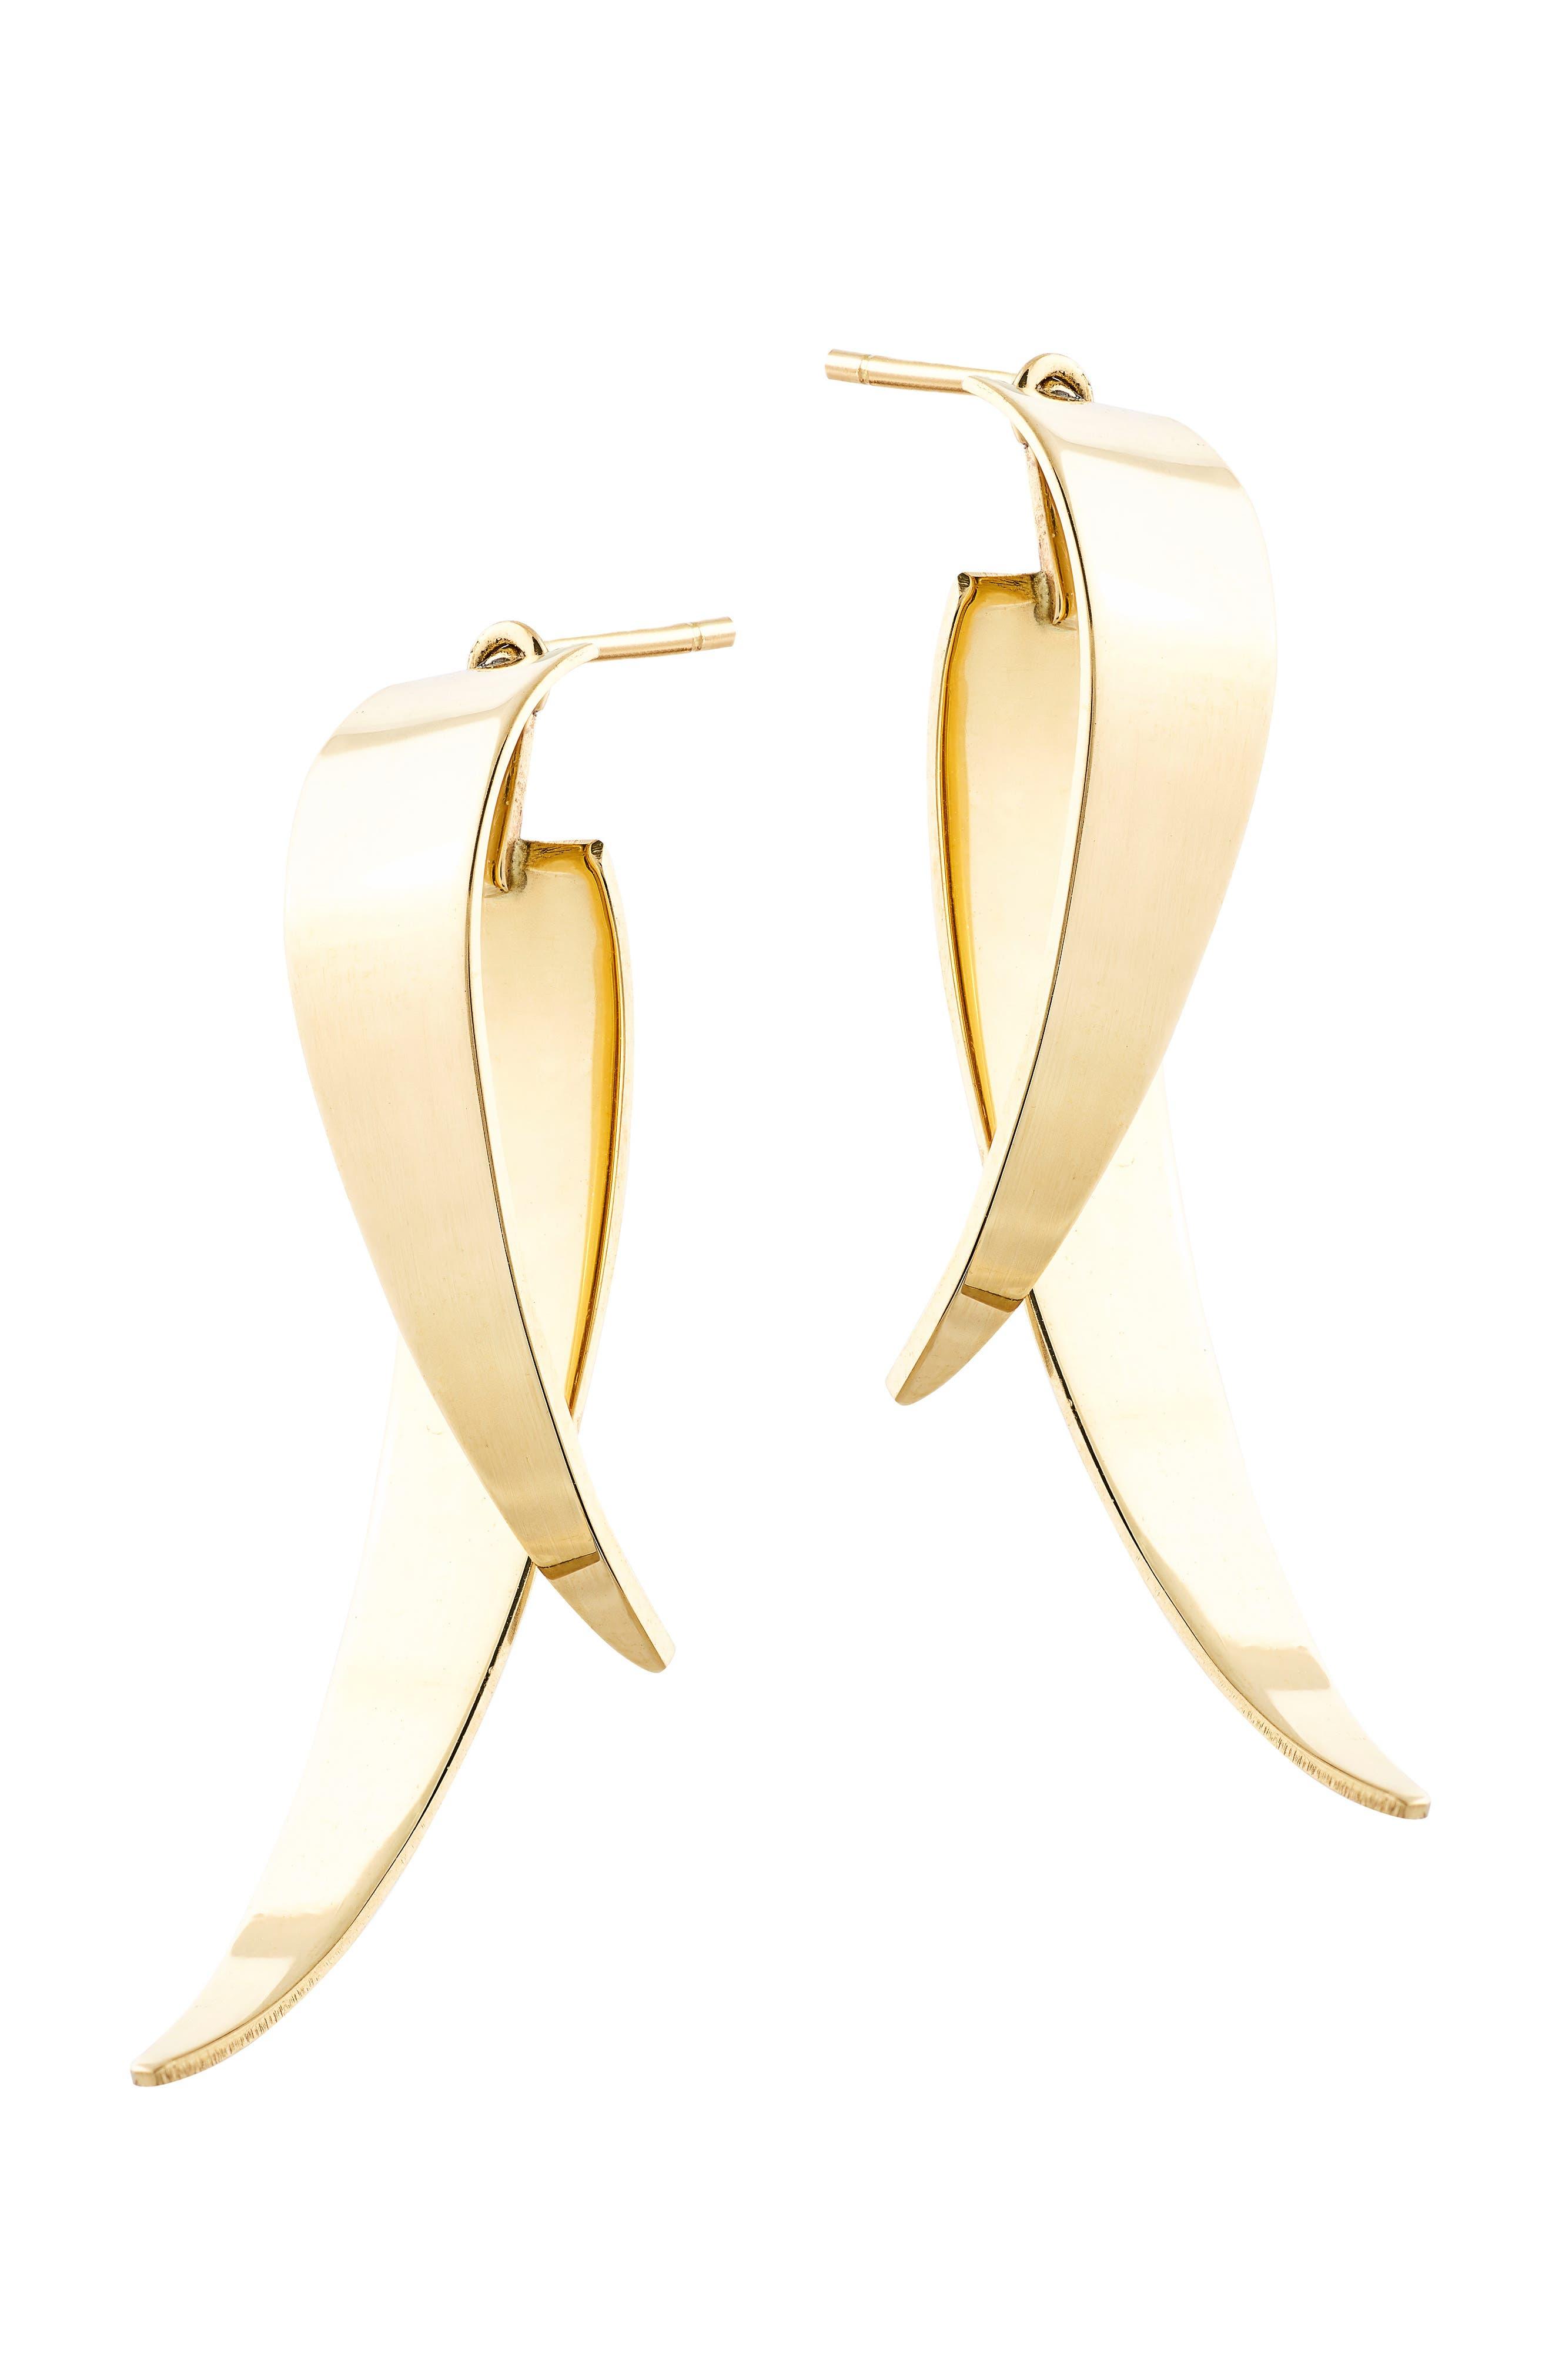 Lana Jewelry Bond Double Dagger Stud Earrings